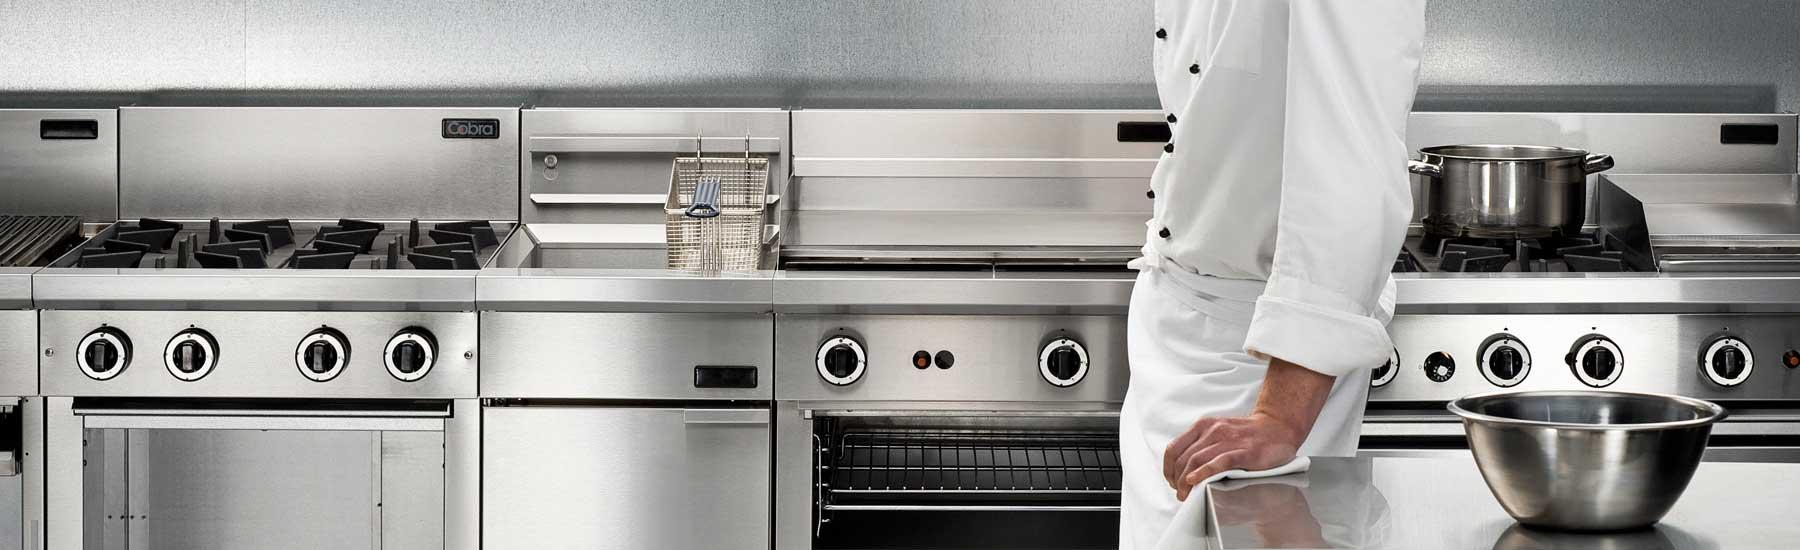 La manutenzione dell'arredamento inox nelle cucine industriali